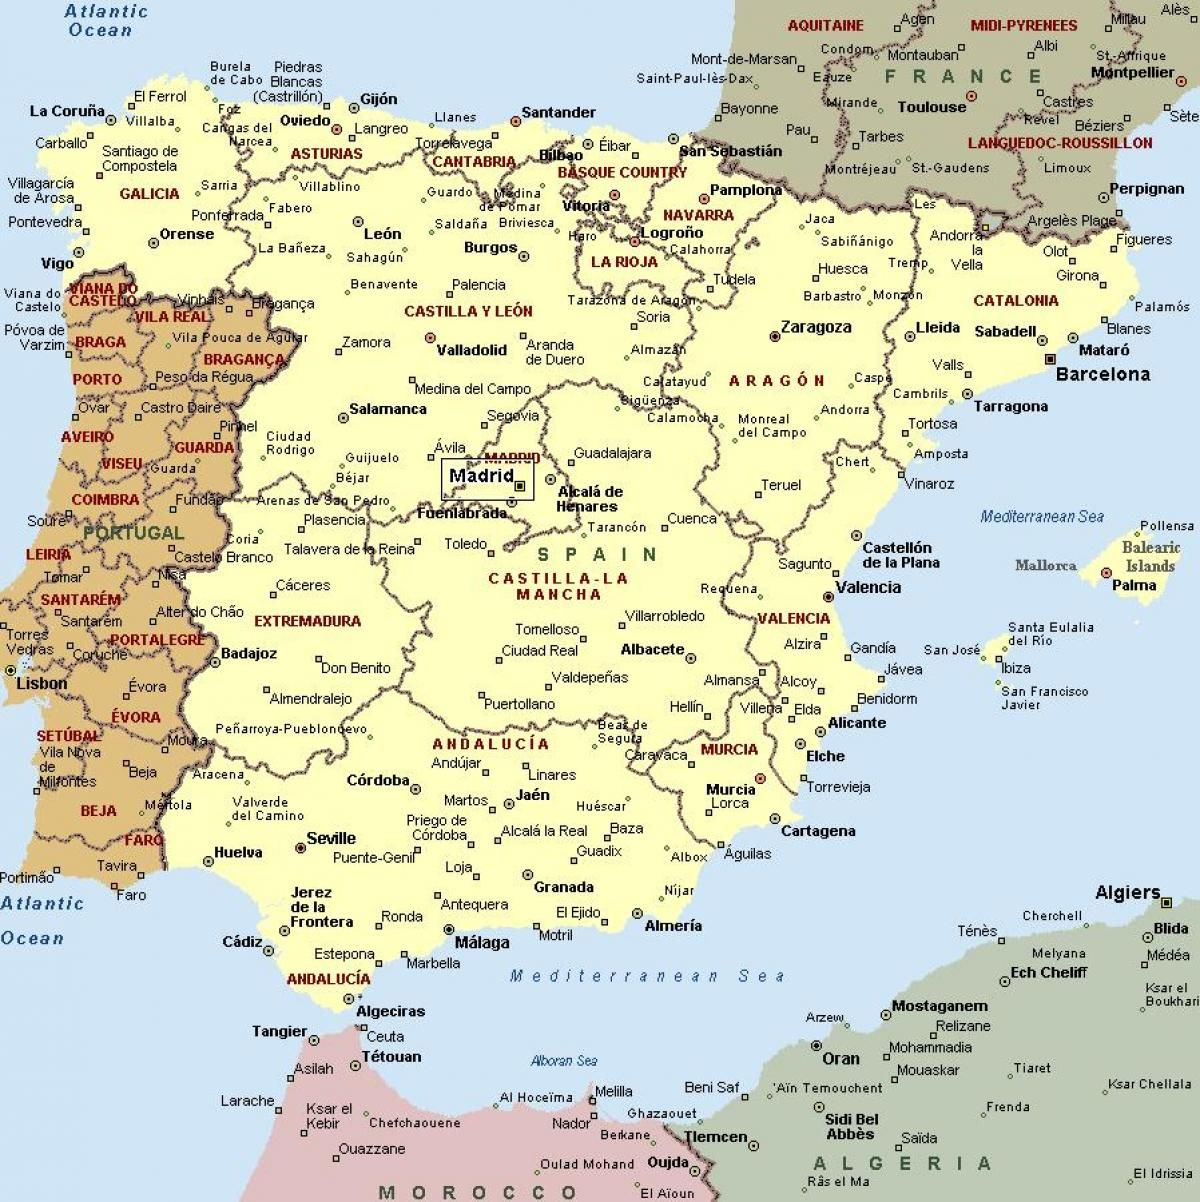 Spagna Sud Cartina.Mappa Di Spagna Citta Mappa Della Spagna E Citta Europa Del Sud Europa Spagna Viaggi Spagna Andalusia